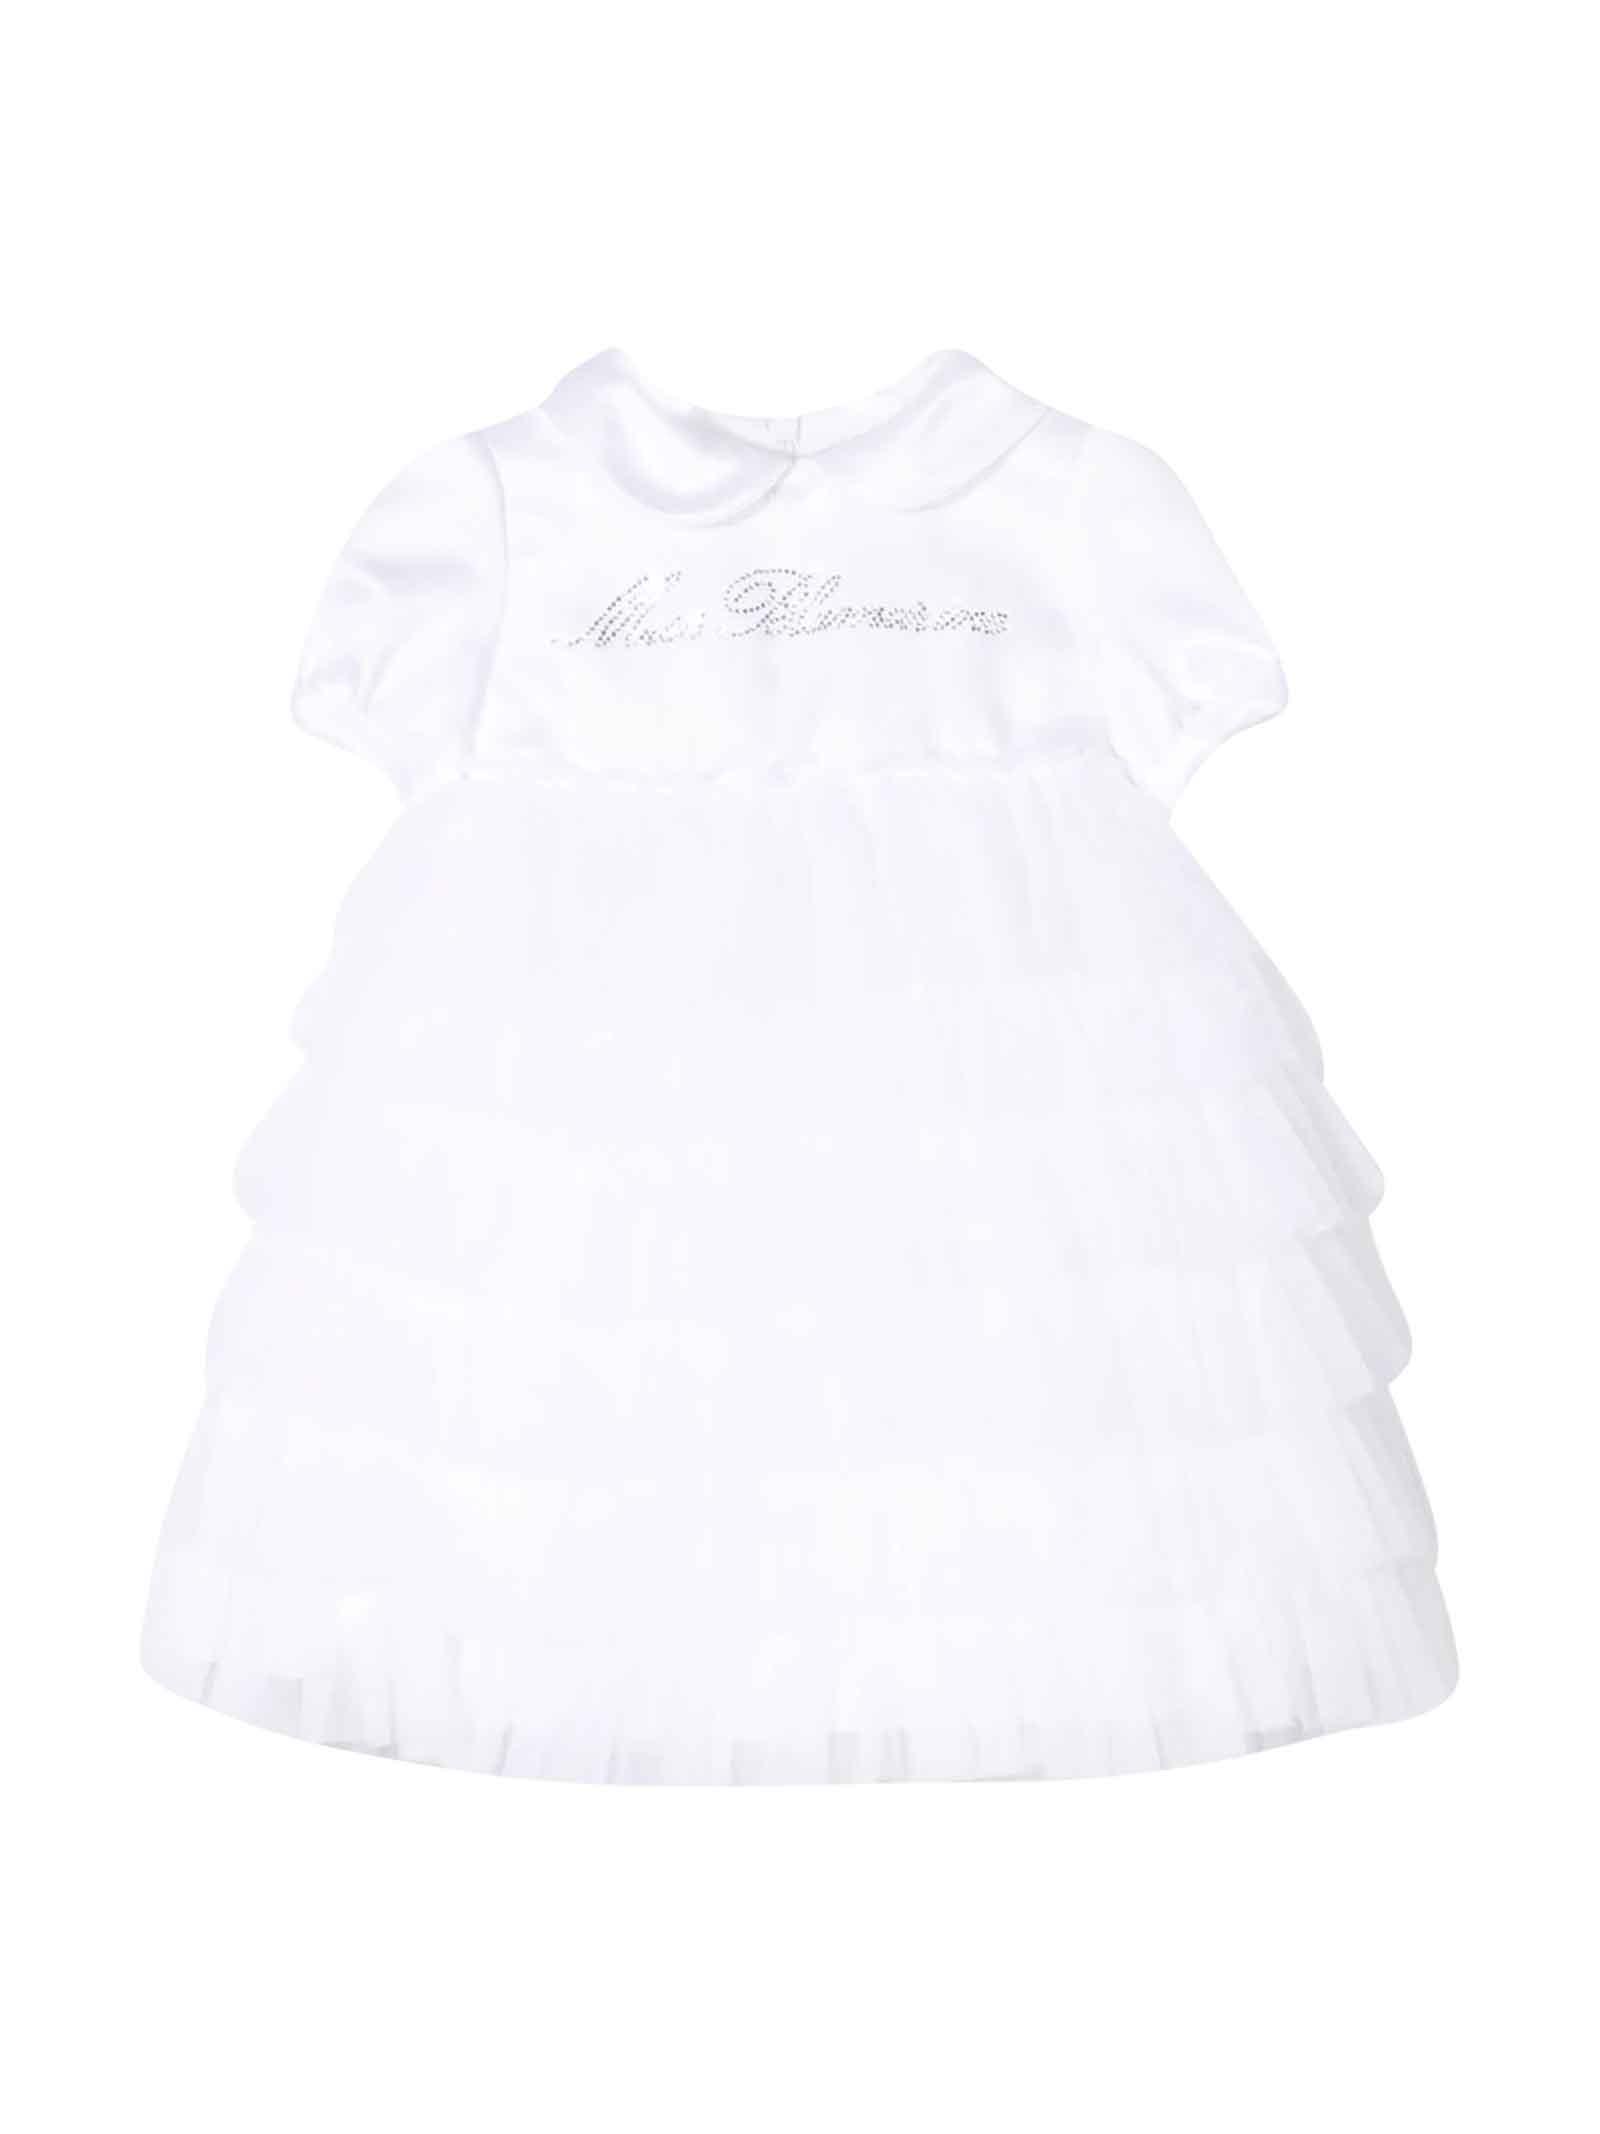 Miss Blumarine WHITE DRESS